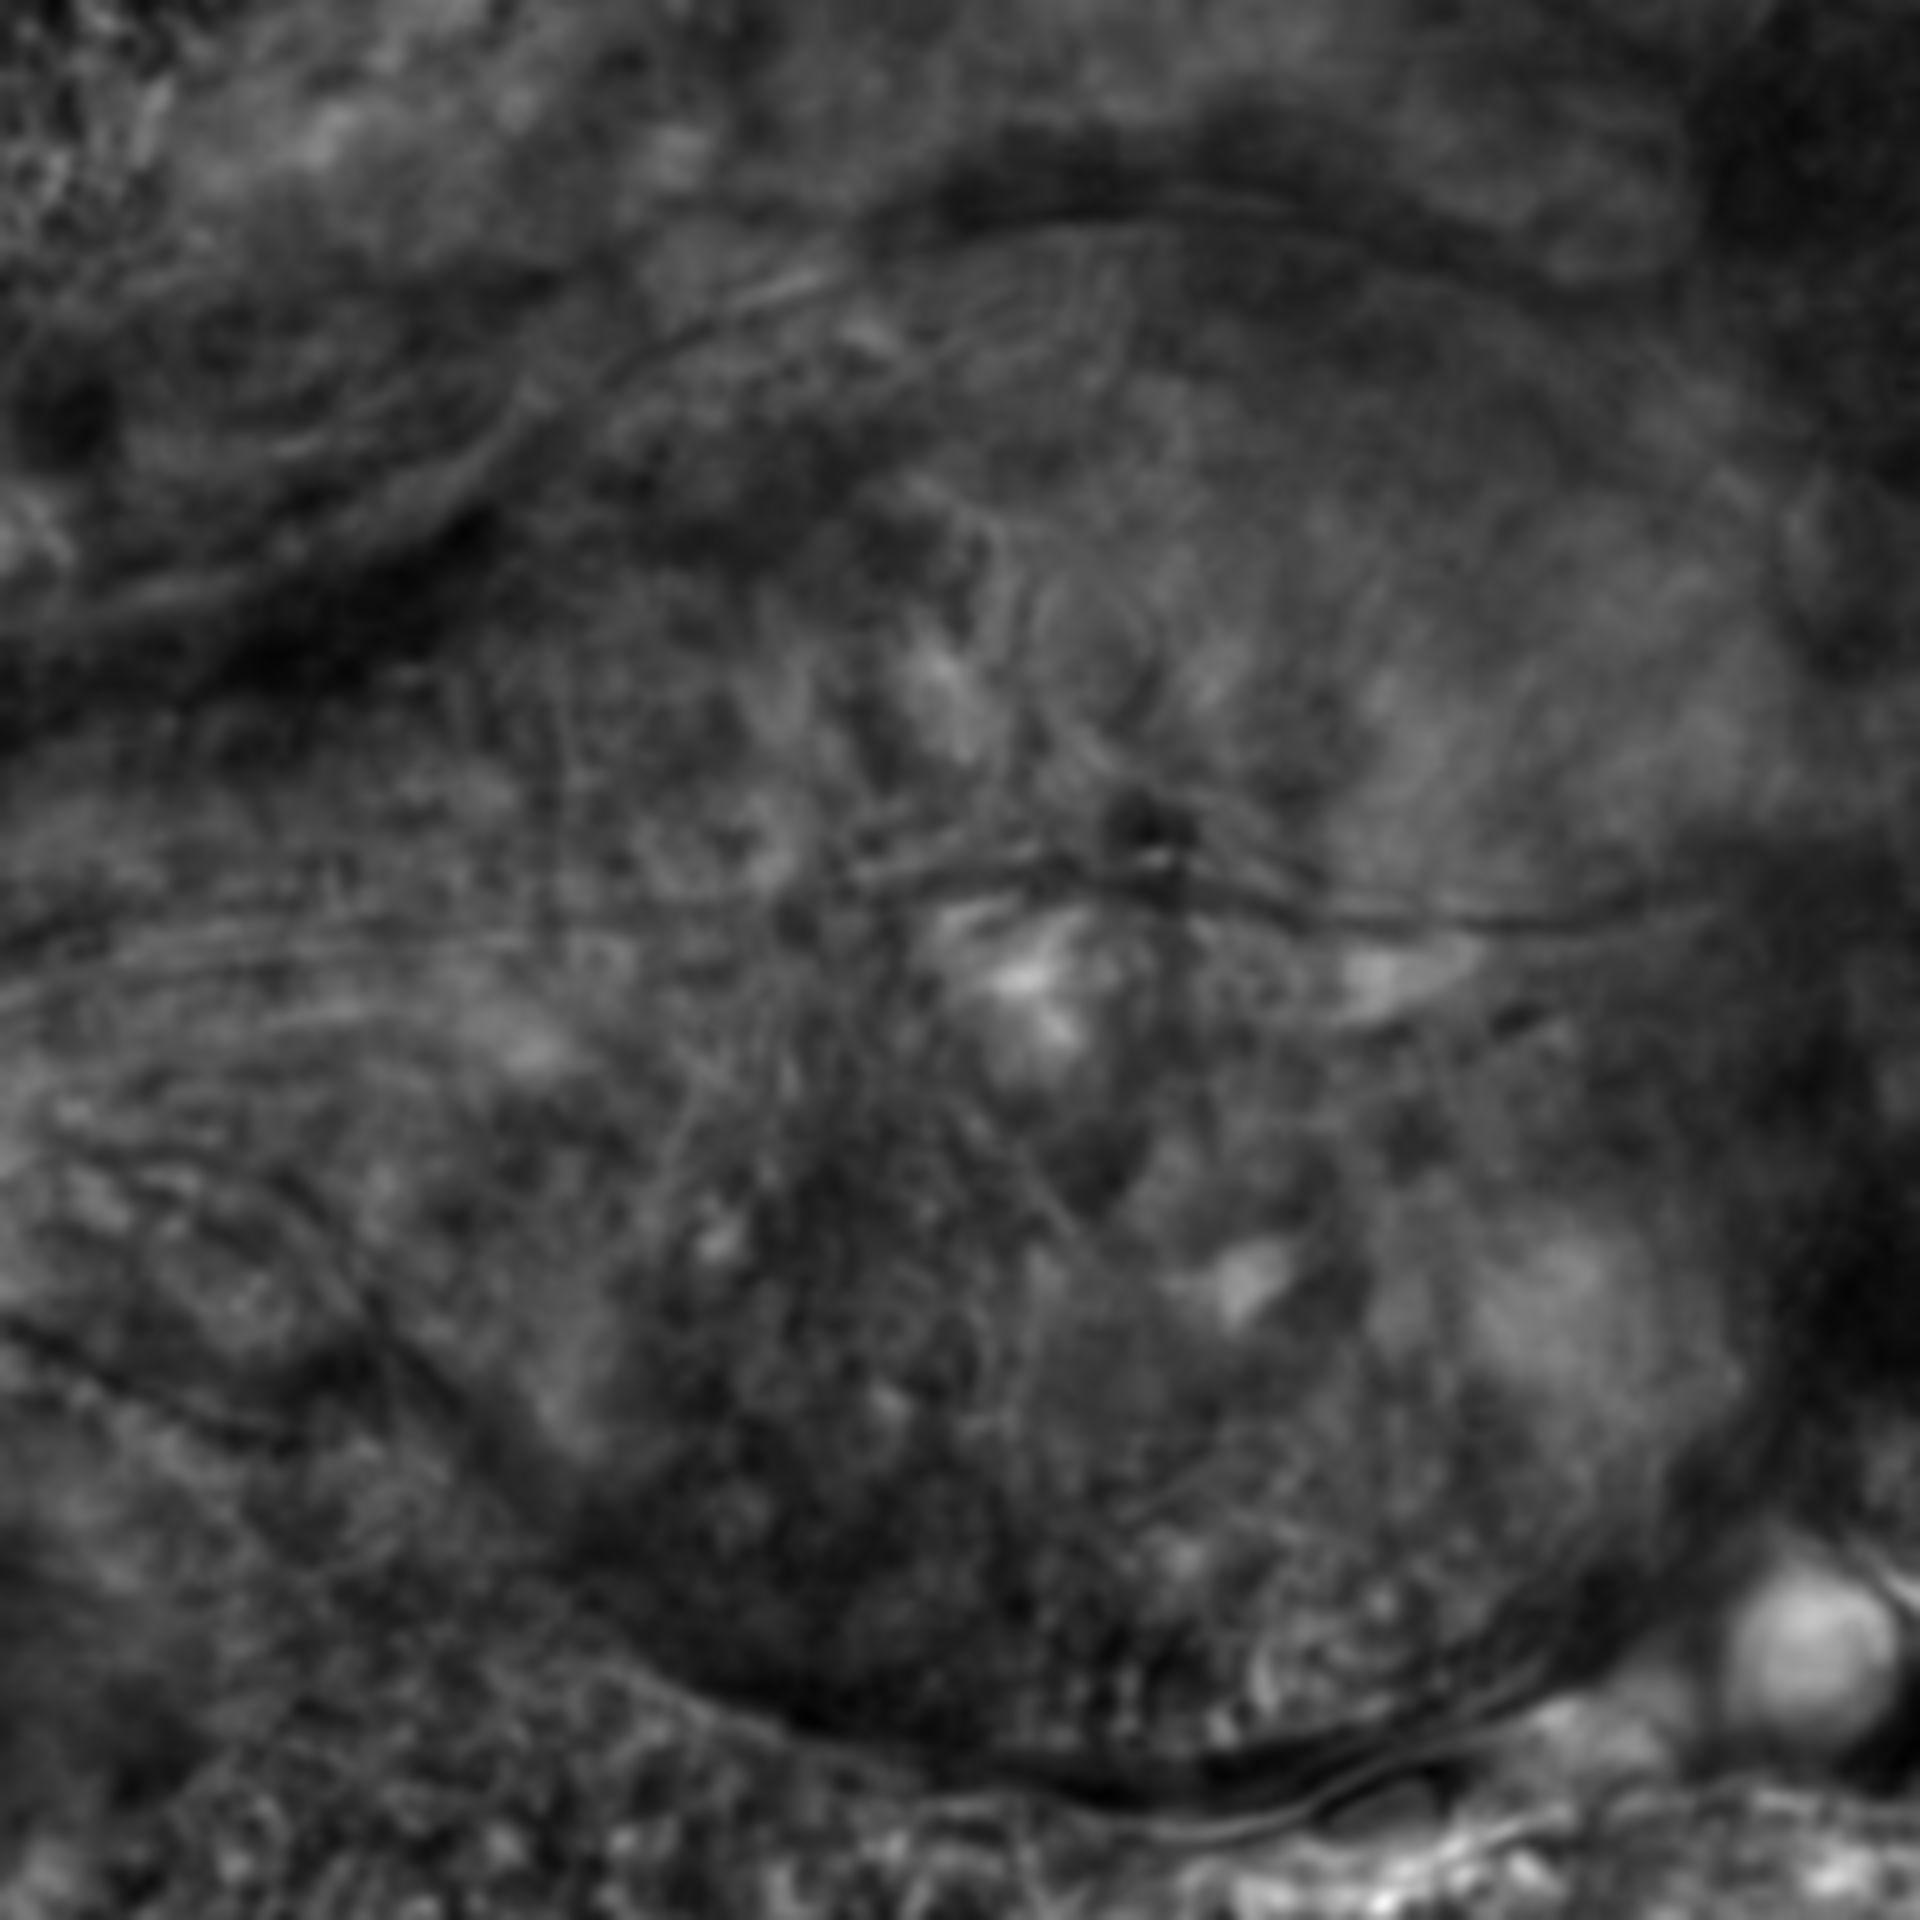 Caenorhabditis elegans - CIL:2549